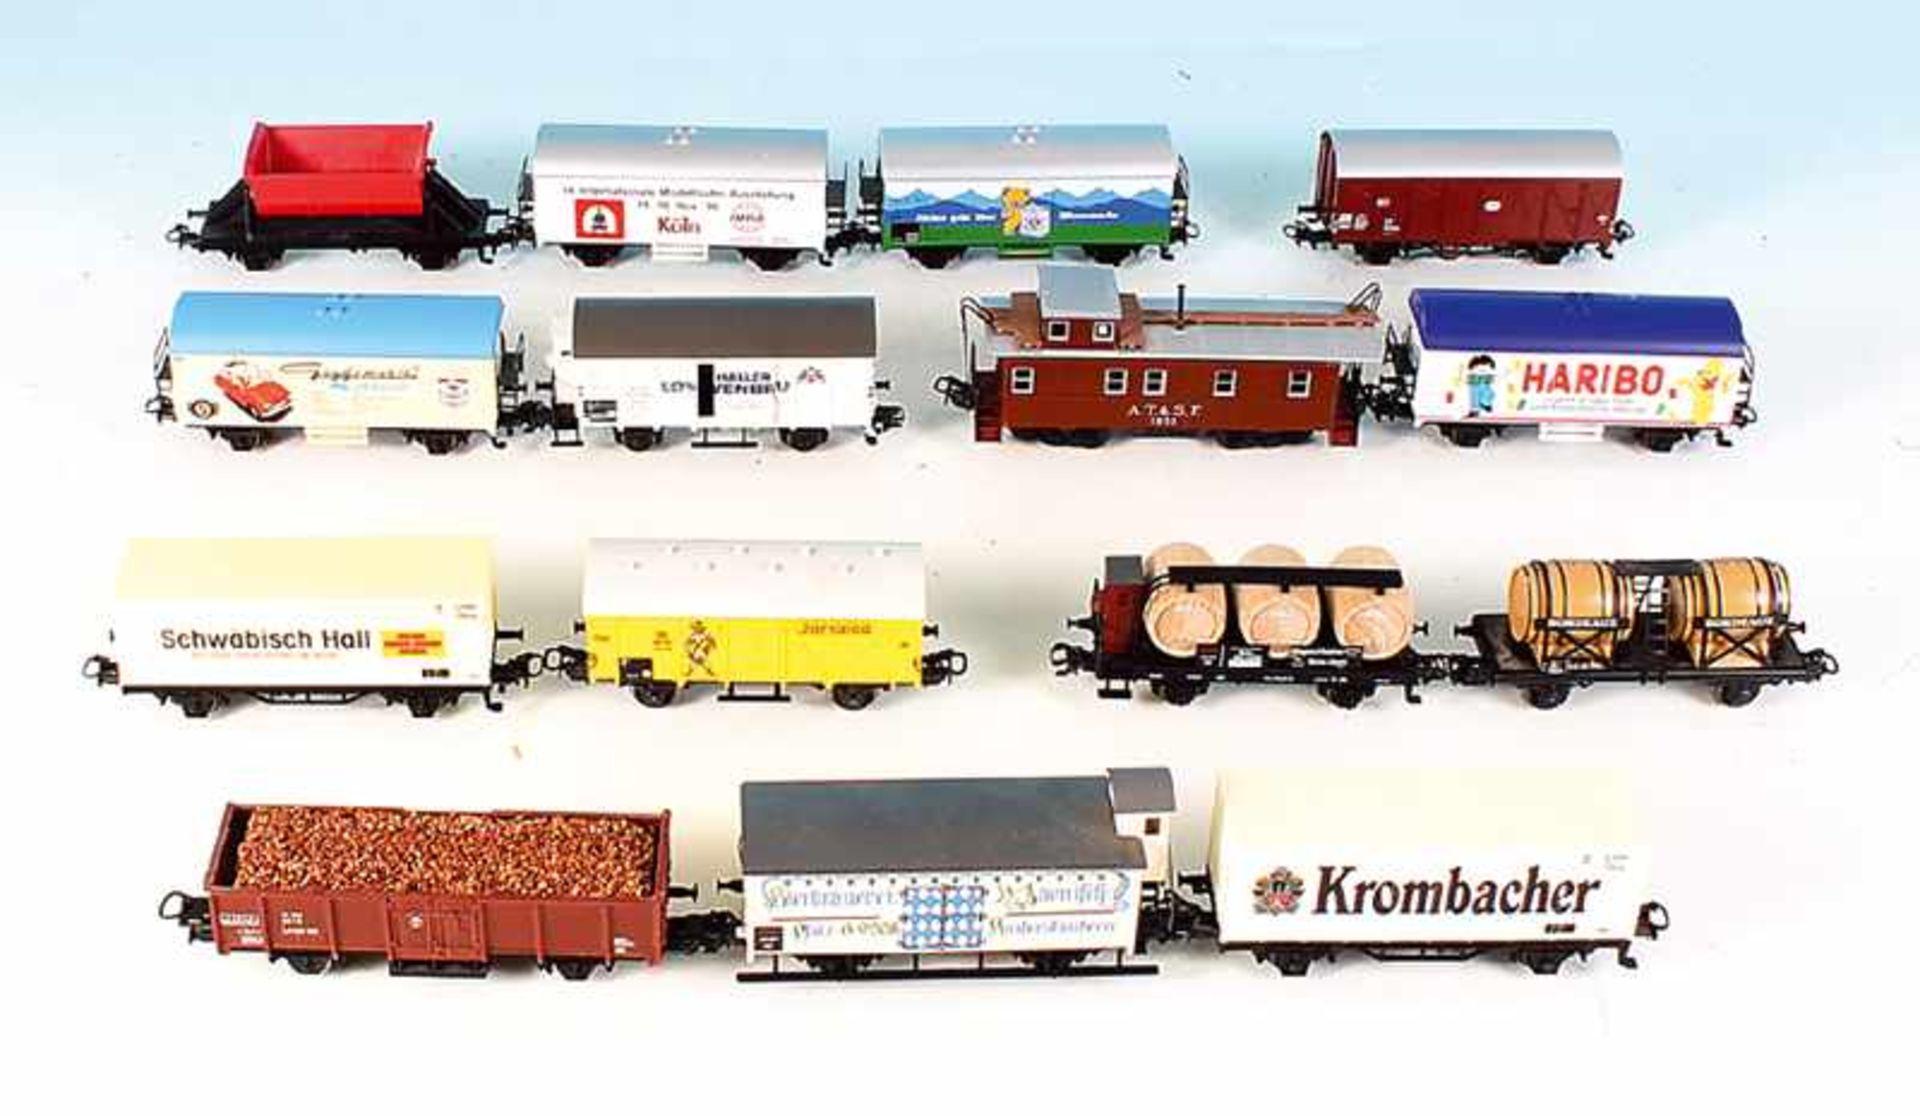 Los 13 - 15 MÄRKLIN Güterwagen